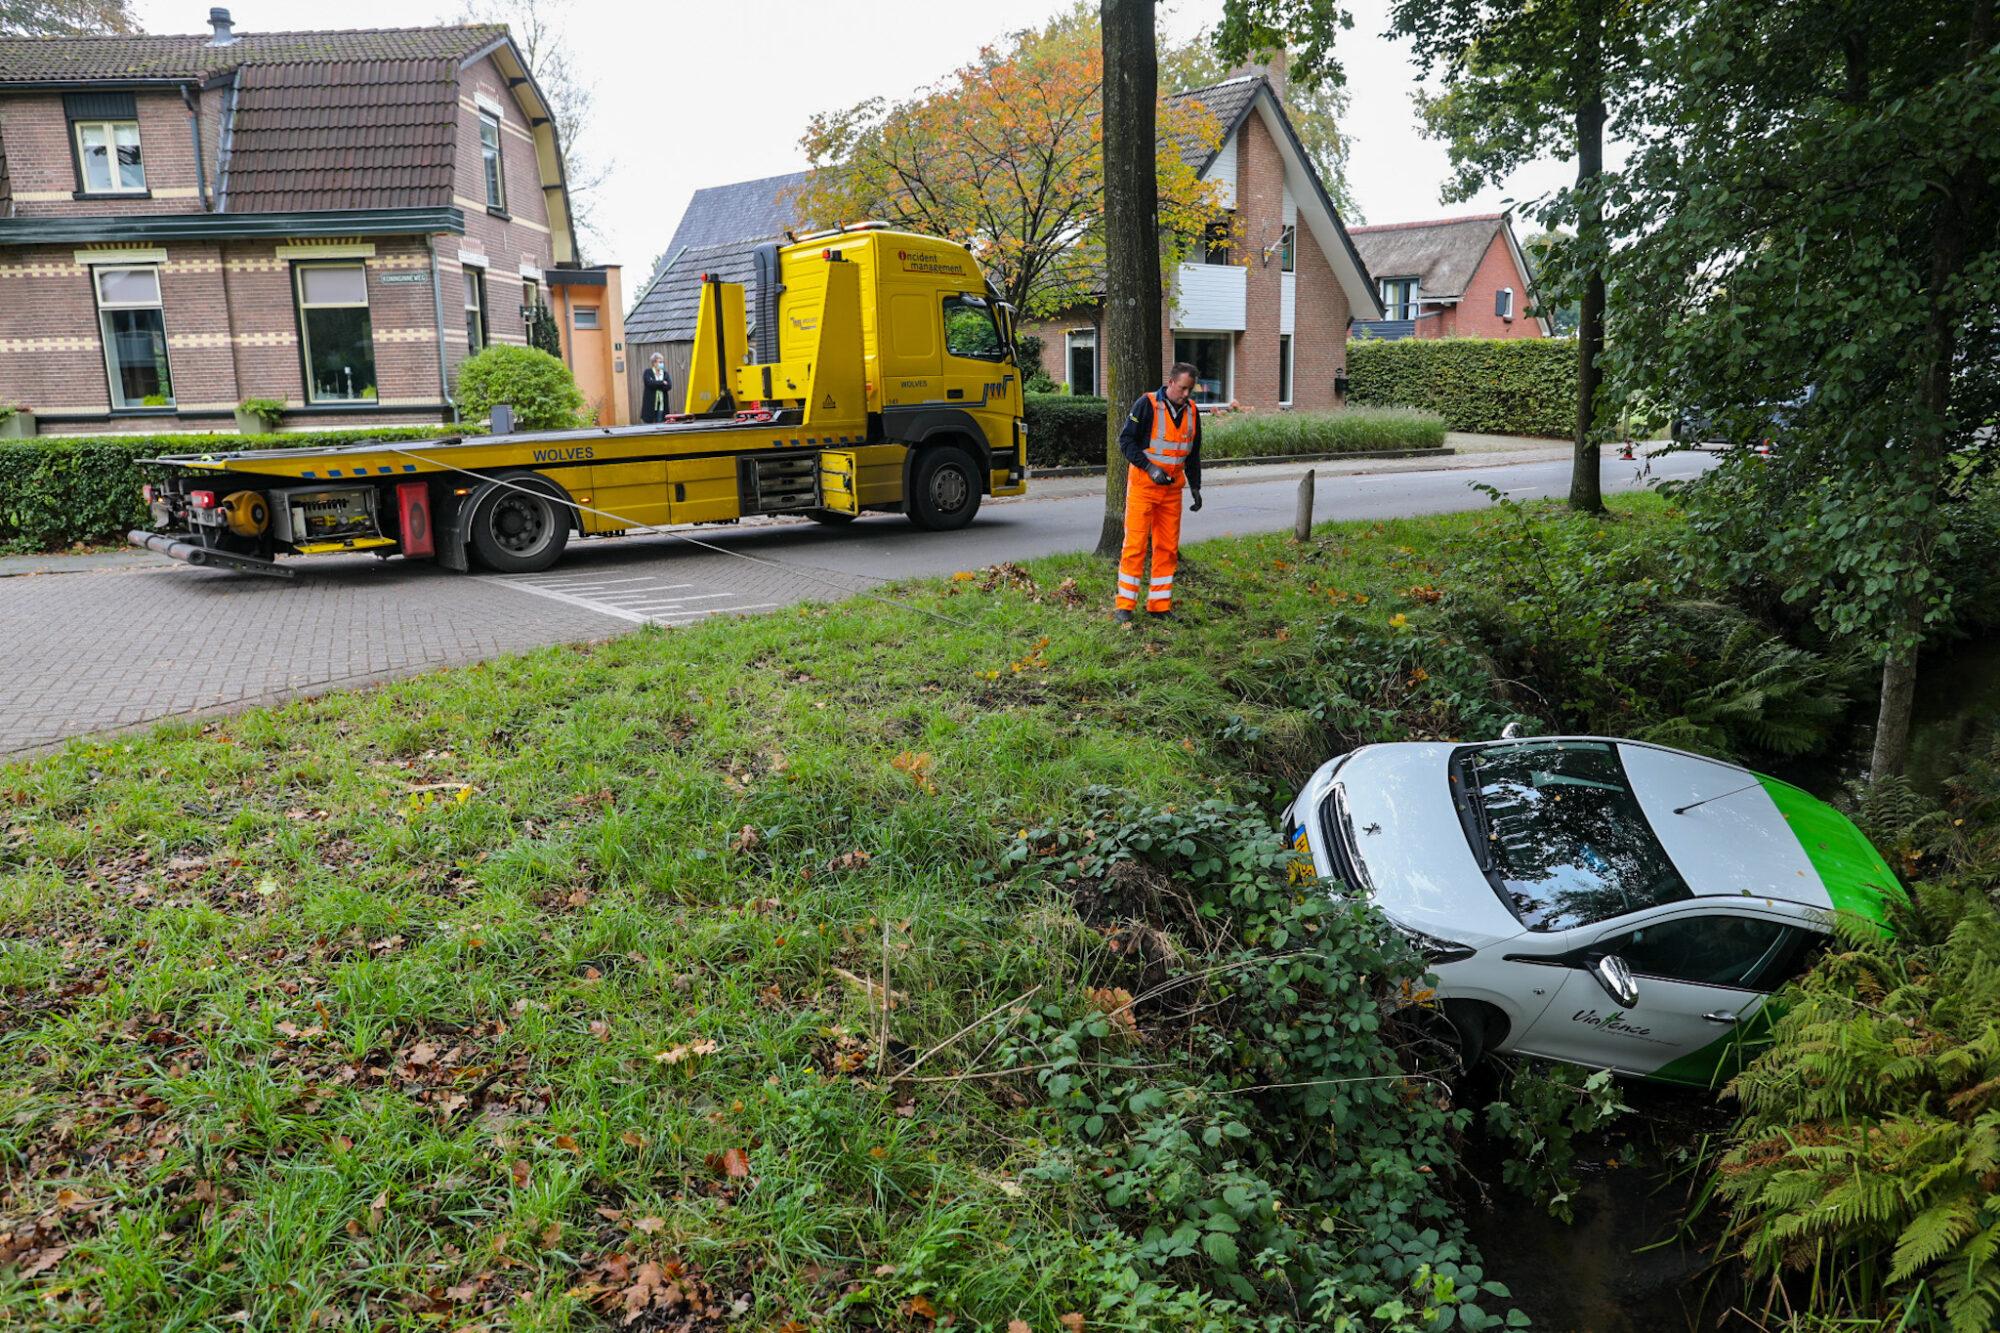 VIDEO | Auto belandt in sloot in Vaassen